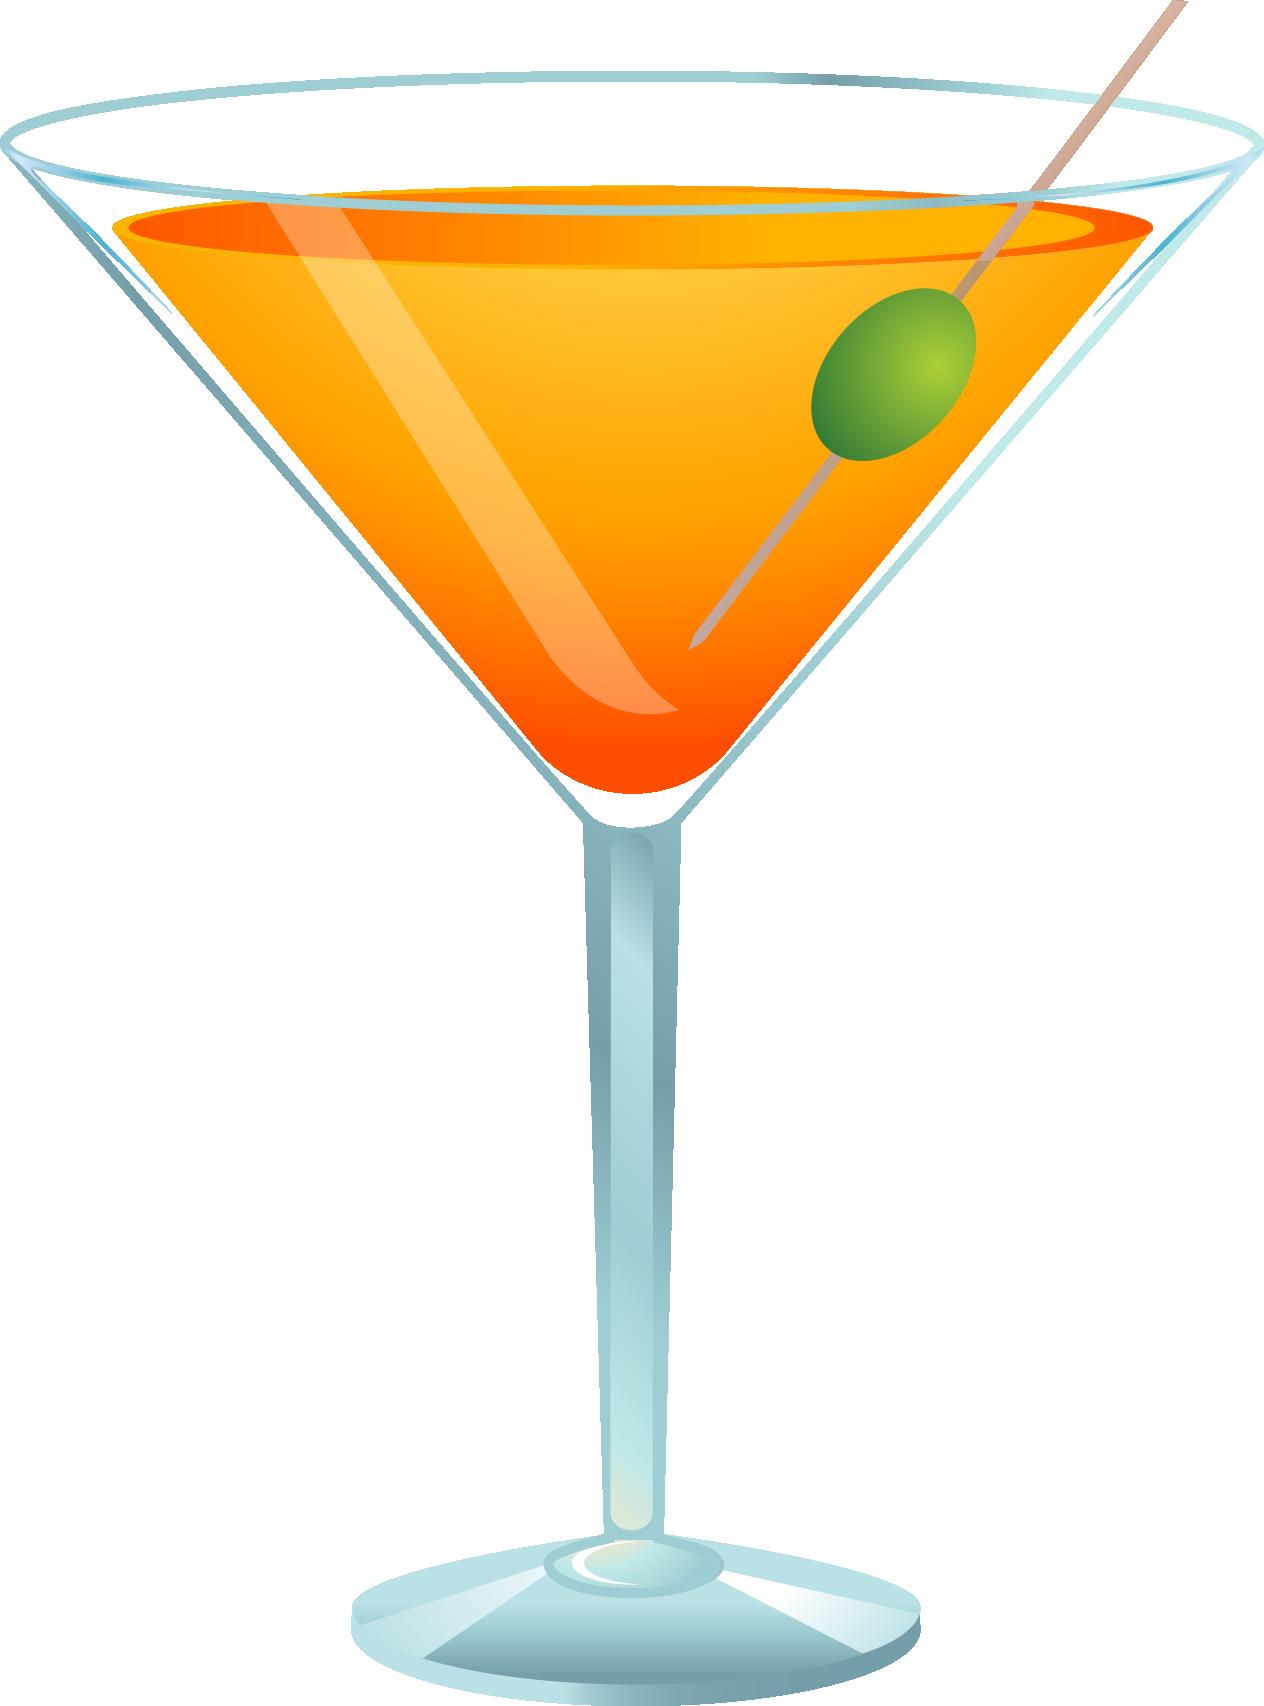 Cocktail Clip Art Pictures - ClipArt Best